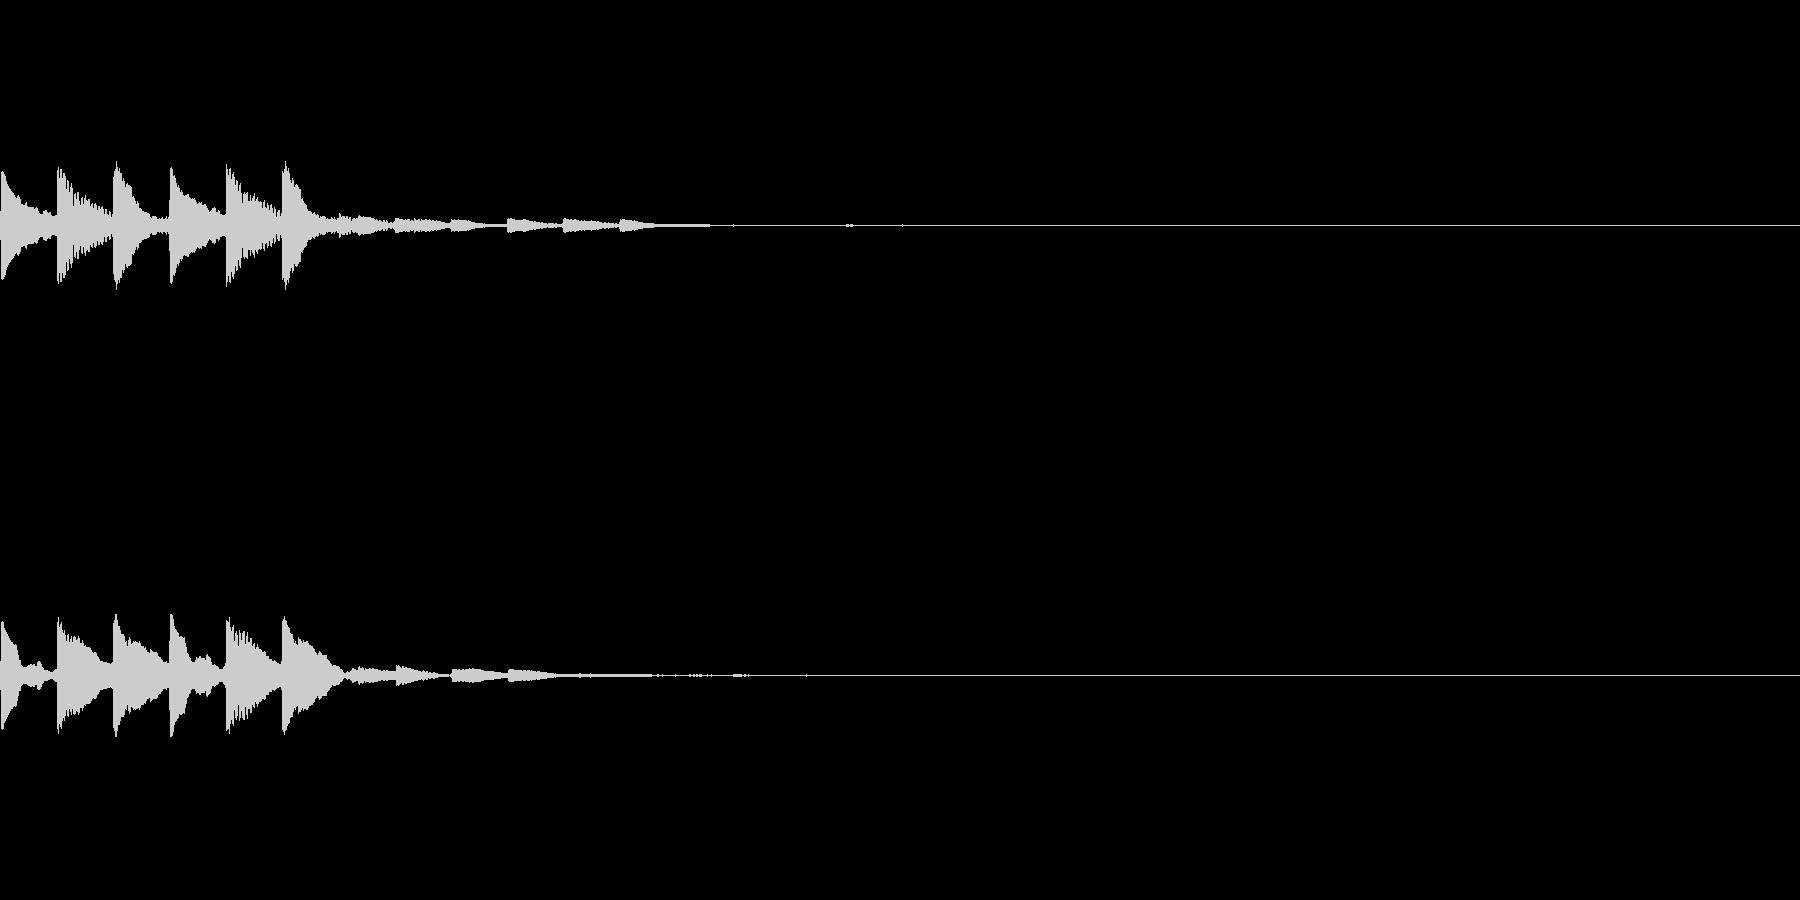 ピロリピロリ【決定音・タッチ音・高め】の未再生の波形